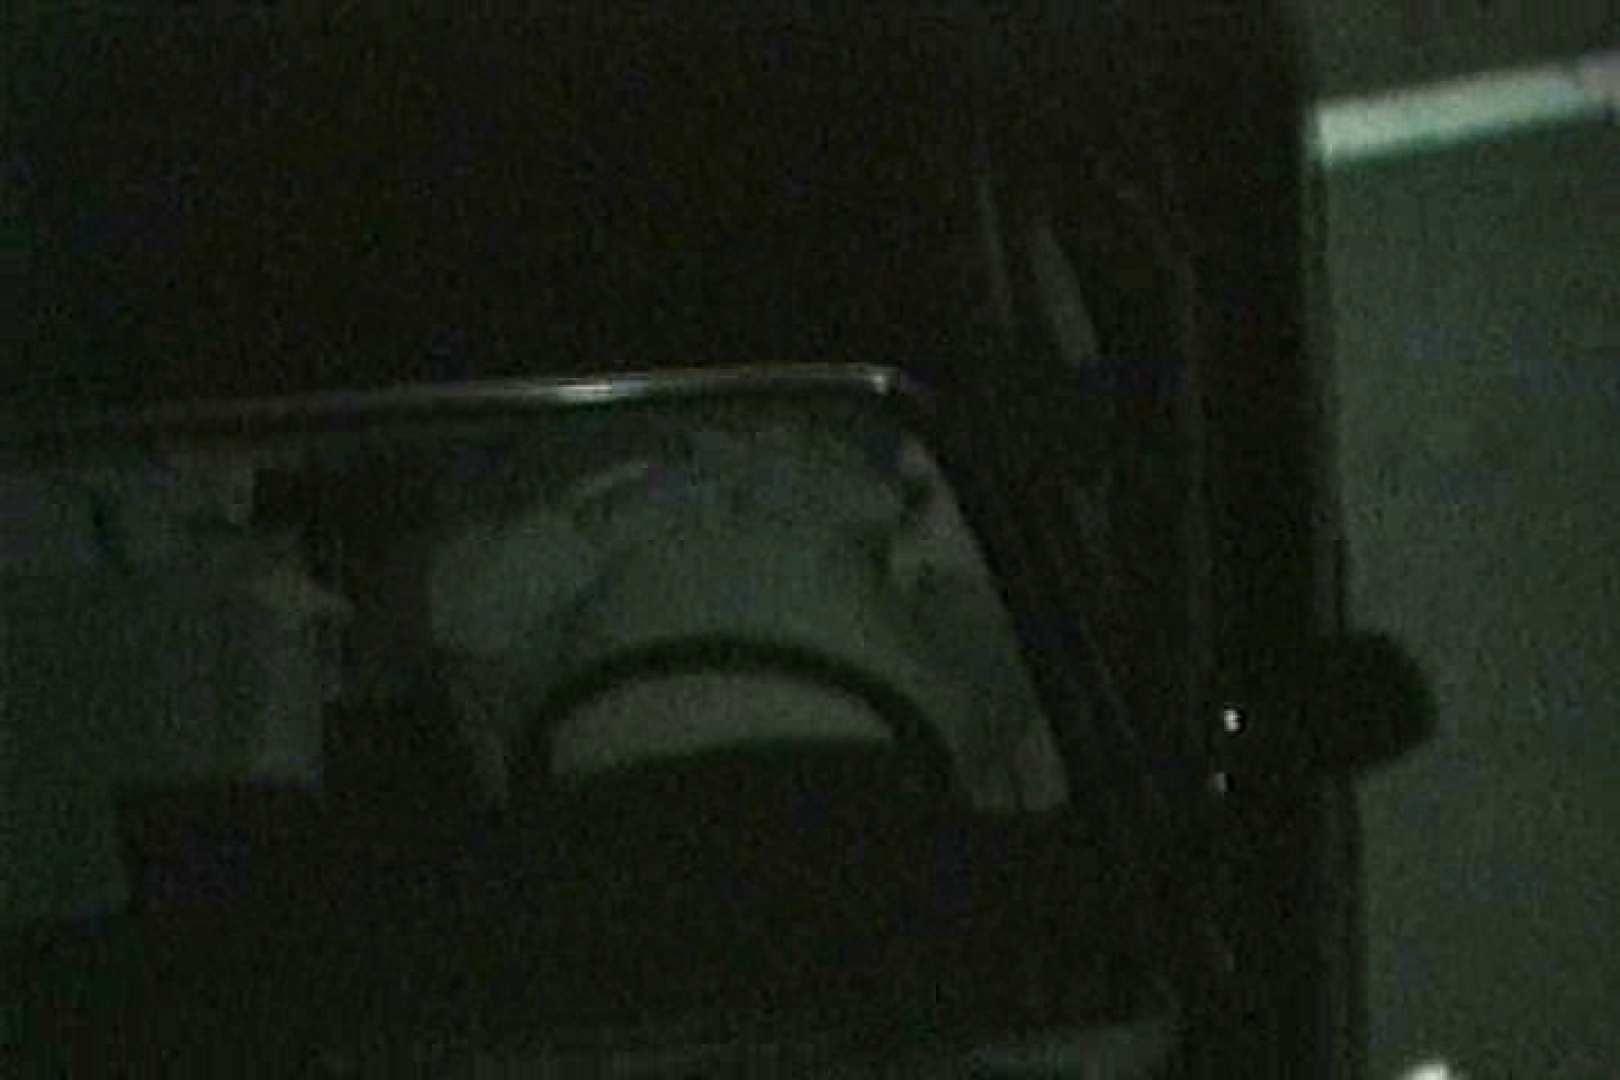 車の中はラブホテル 無修正版  Vol.8 カーセックス  107枚 78